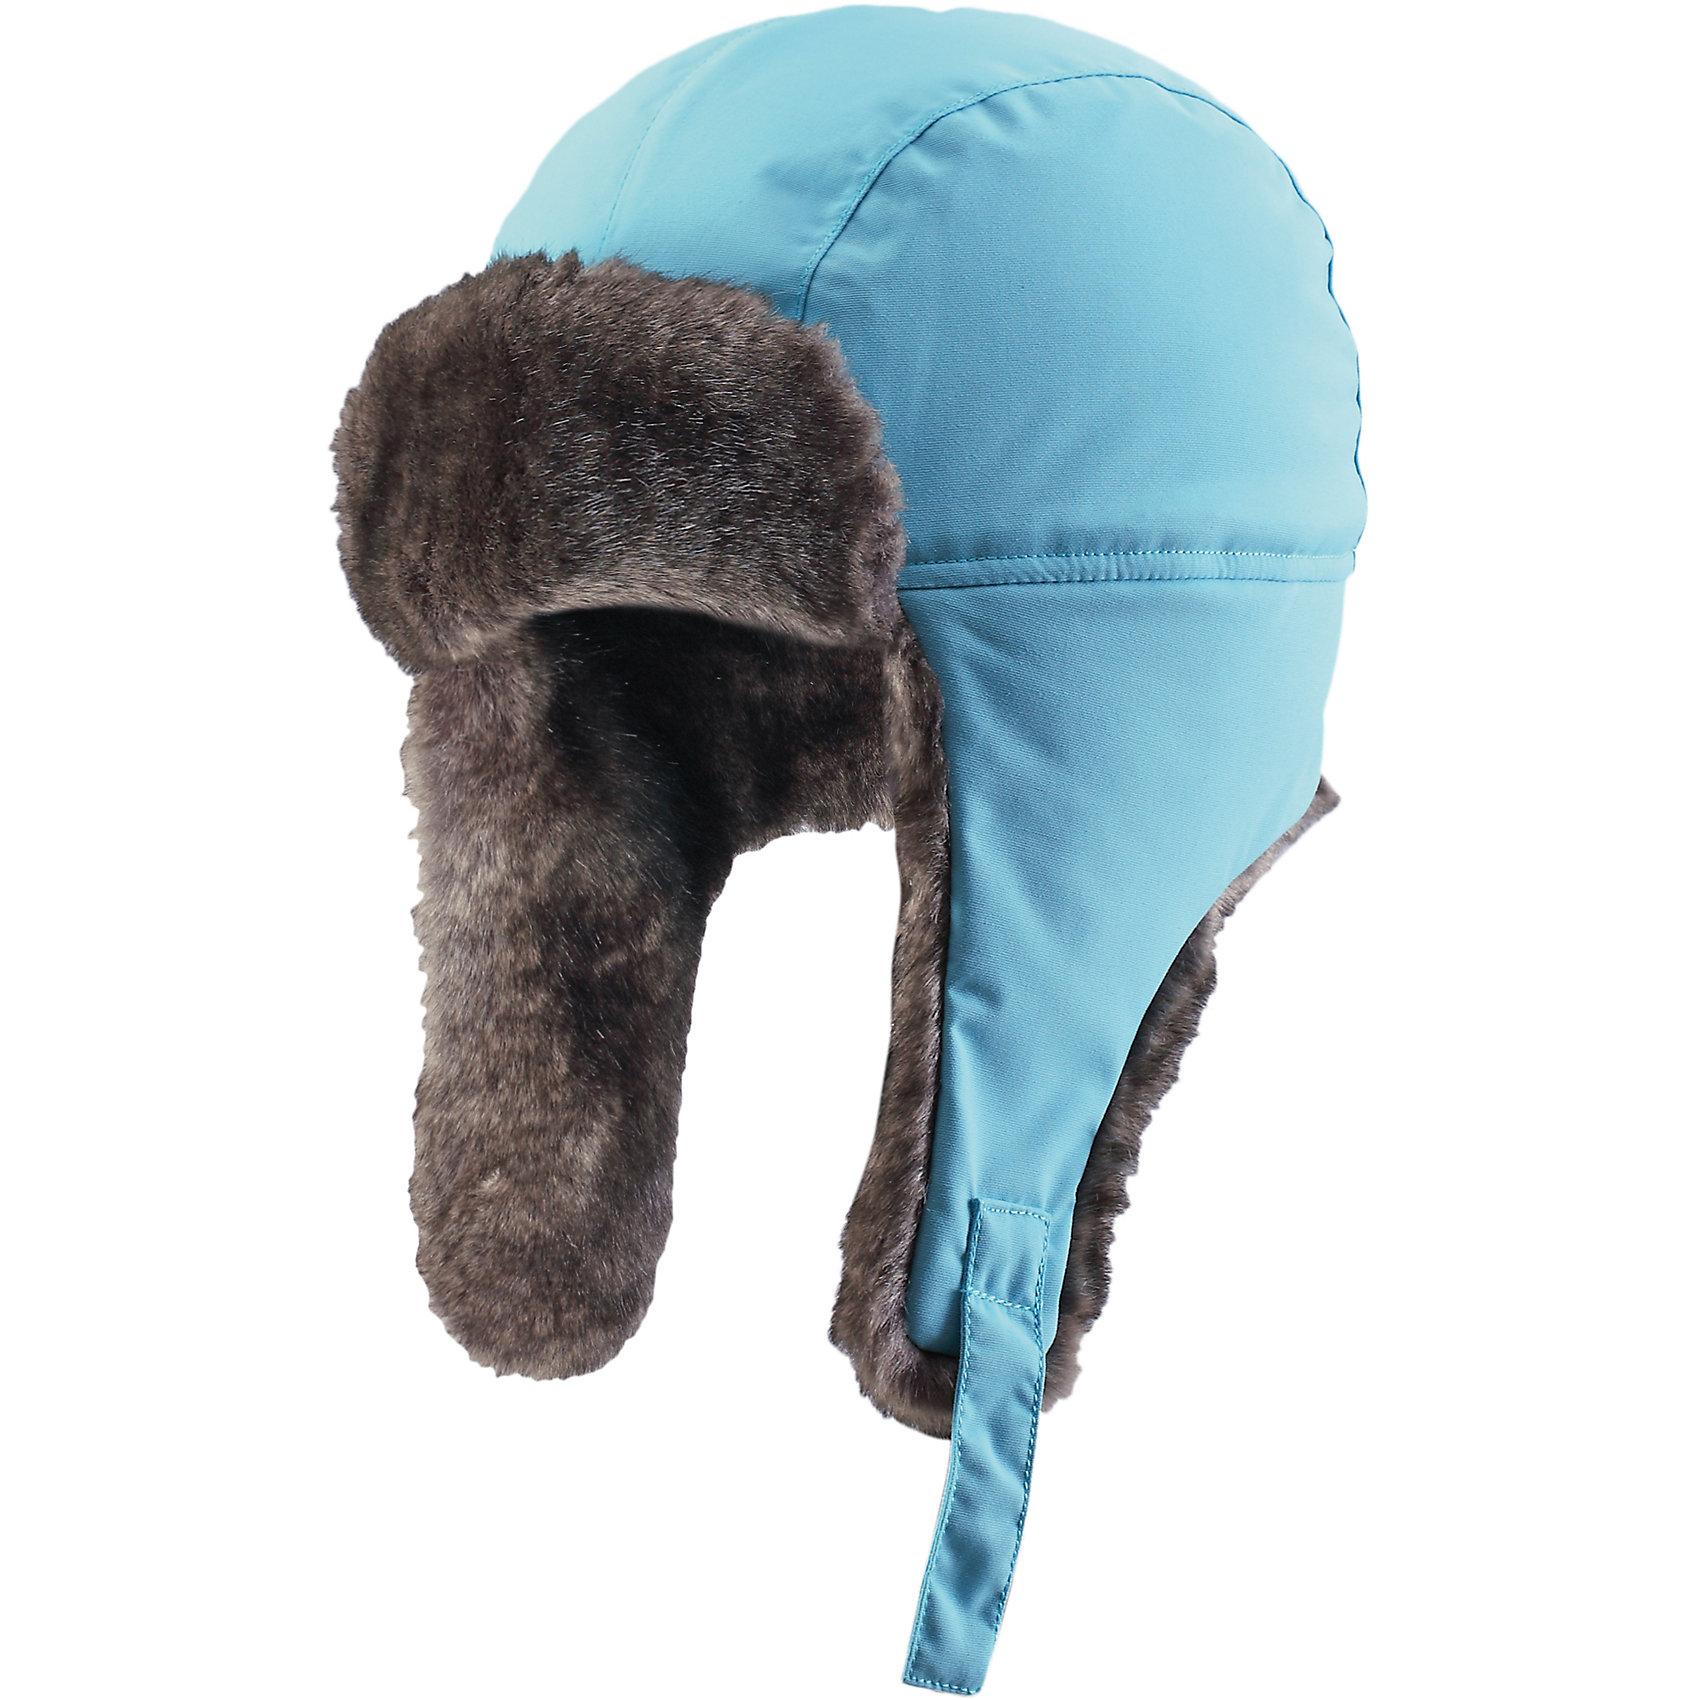 Шапка ReimaДля всех подвижных и весёлых игр нужна красивая одежда! Эта шапка для малышей и детей постарше - лучший выбор для холодной и ветреной зимней погоды. Она очень тёплая и защитит в любую погоду, поэтому подходит для самых активных искателей приключений, которые не боятся внезапной метели. Шапка сделана из ветро- и водонепроницаемого материала и в то же время пропускает воздух. Все швы проклеены, поэтому голова останется сухой и будет хорошо защищена. Очень мягкая подкладка с начёсом создаёт стильный образ! Удобная застёжка на кнопке, благодаря которой шапка прочно держится на голове. Кроме того, сзади имеется светоотражающий логотип компании Reima, который обеспечивает видимость в темноте.<br><br>Зимняя шапка для детей и подростков. Подходит для очень плохой погоды<br>Прочный ветро- и водонепроницаемый материал<br>Все швы проклеены для водонепроницаемости<br>Утеплитель 100 г<br>Полностью на подкладке: Мягкая вязаная из полиэстера с начёсом<br>Застёгивается на кнопку<br><br>Состав:<br>100% ПА, ПУ-покрытие<br>Средняя степень утепления (до - 20)<br><br>Шапку Reima (Рейма) можно купить в нашем магазине.<br><br>Ширина мм: 89<br>Глубина мм: 117<br>Высота мм: 44<br>Вес г: 155<br>Цвет: голубой<br>Возраст от месяцев: 84<br>Возраст до месяцев: 96<br>Пол: Унисекс<br>Возраст: Детский<br>Размер: 58,48,52,54,50,56<br>SKU: 4210422